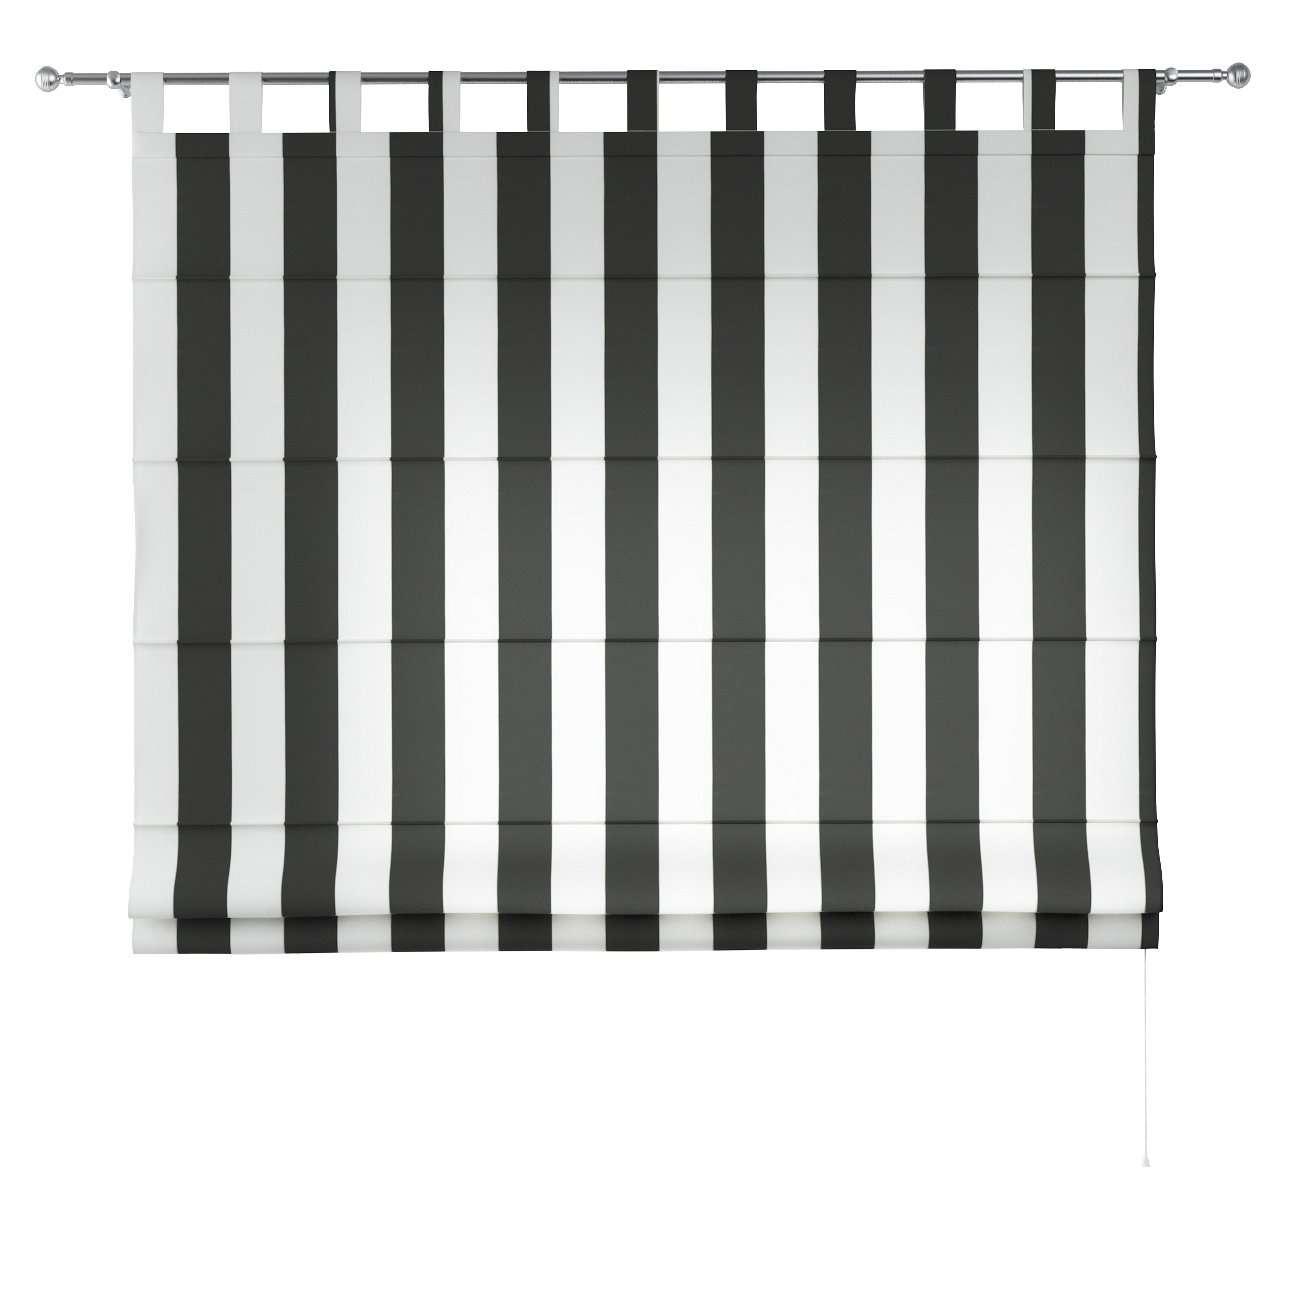 Foldegardin Verona<br/>Med stropper til gardinstang 80 x 170 cm fra kollektionen Comics, Stof: 137-53